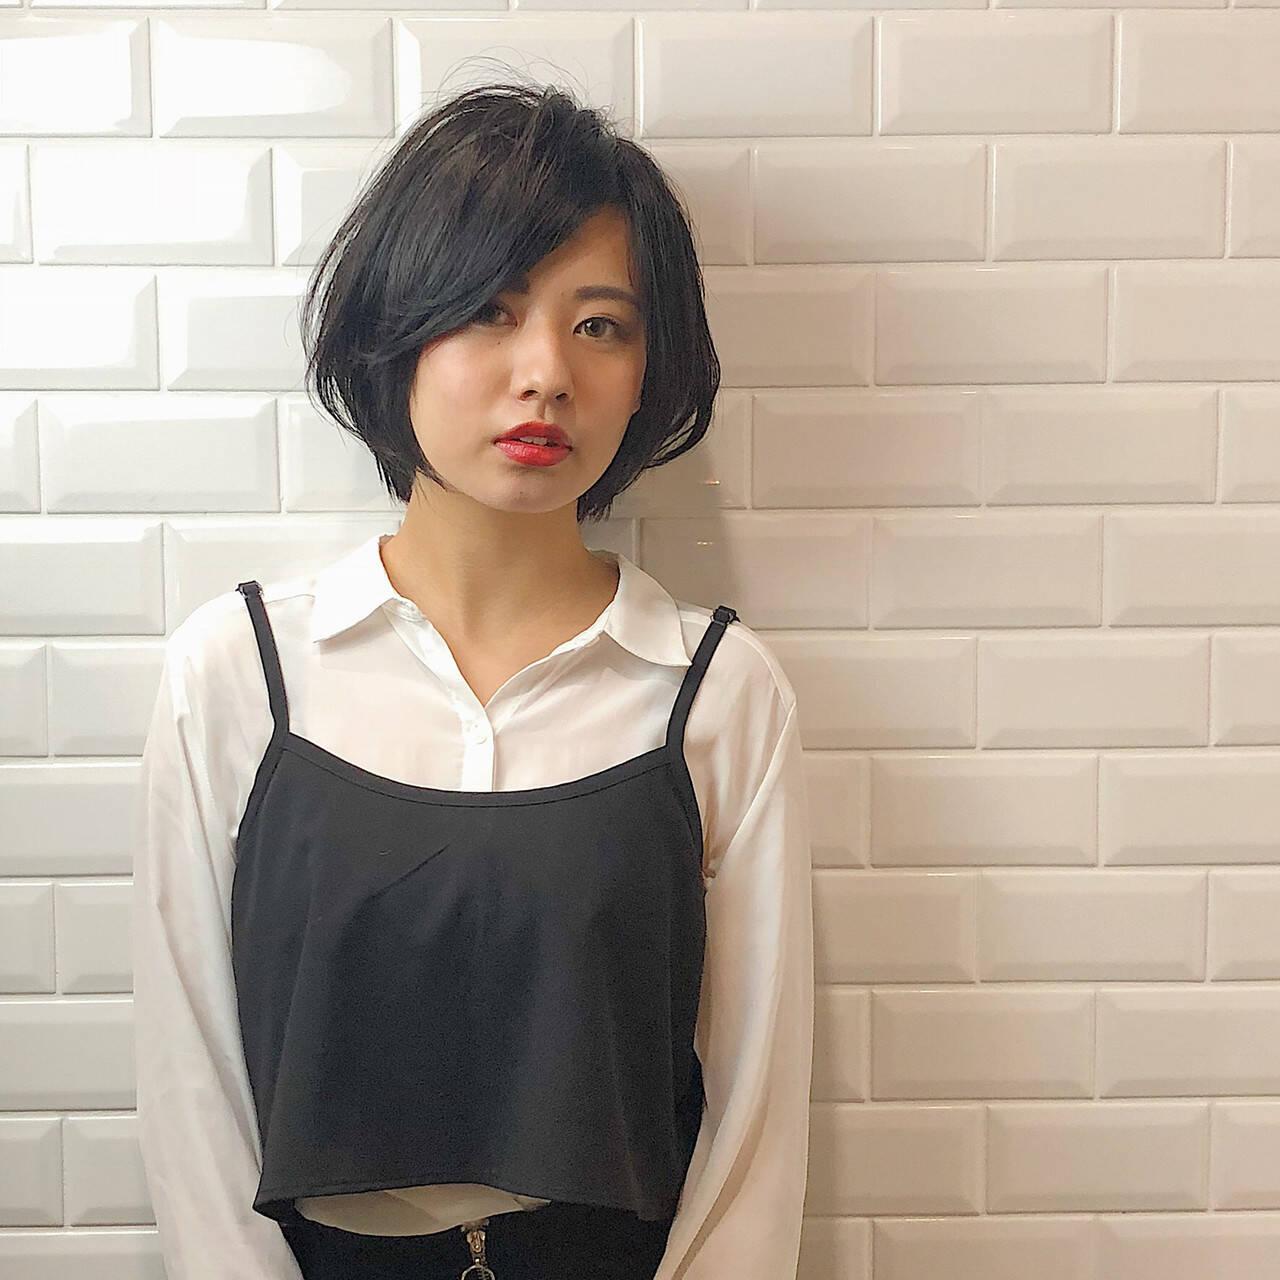 大人ショート ショートヘア ショートボブ ナチュラルヘアスタイルや髪型の写真・画像